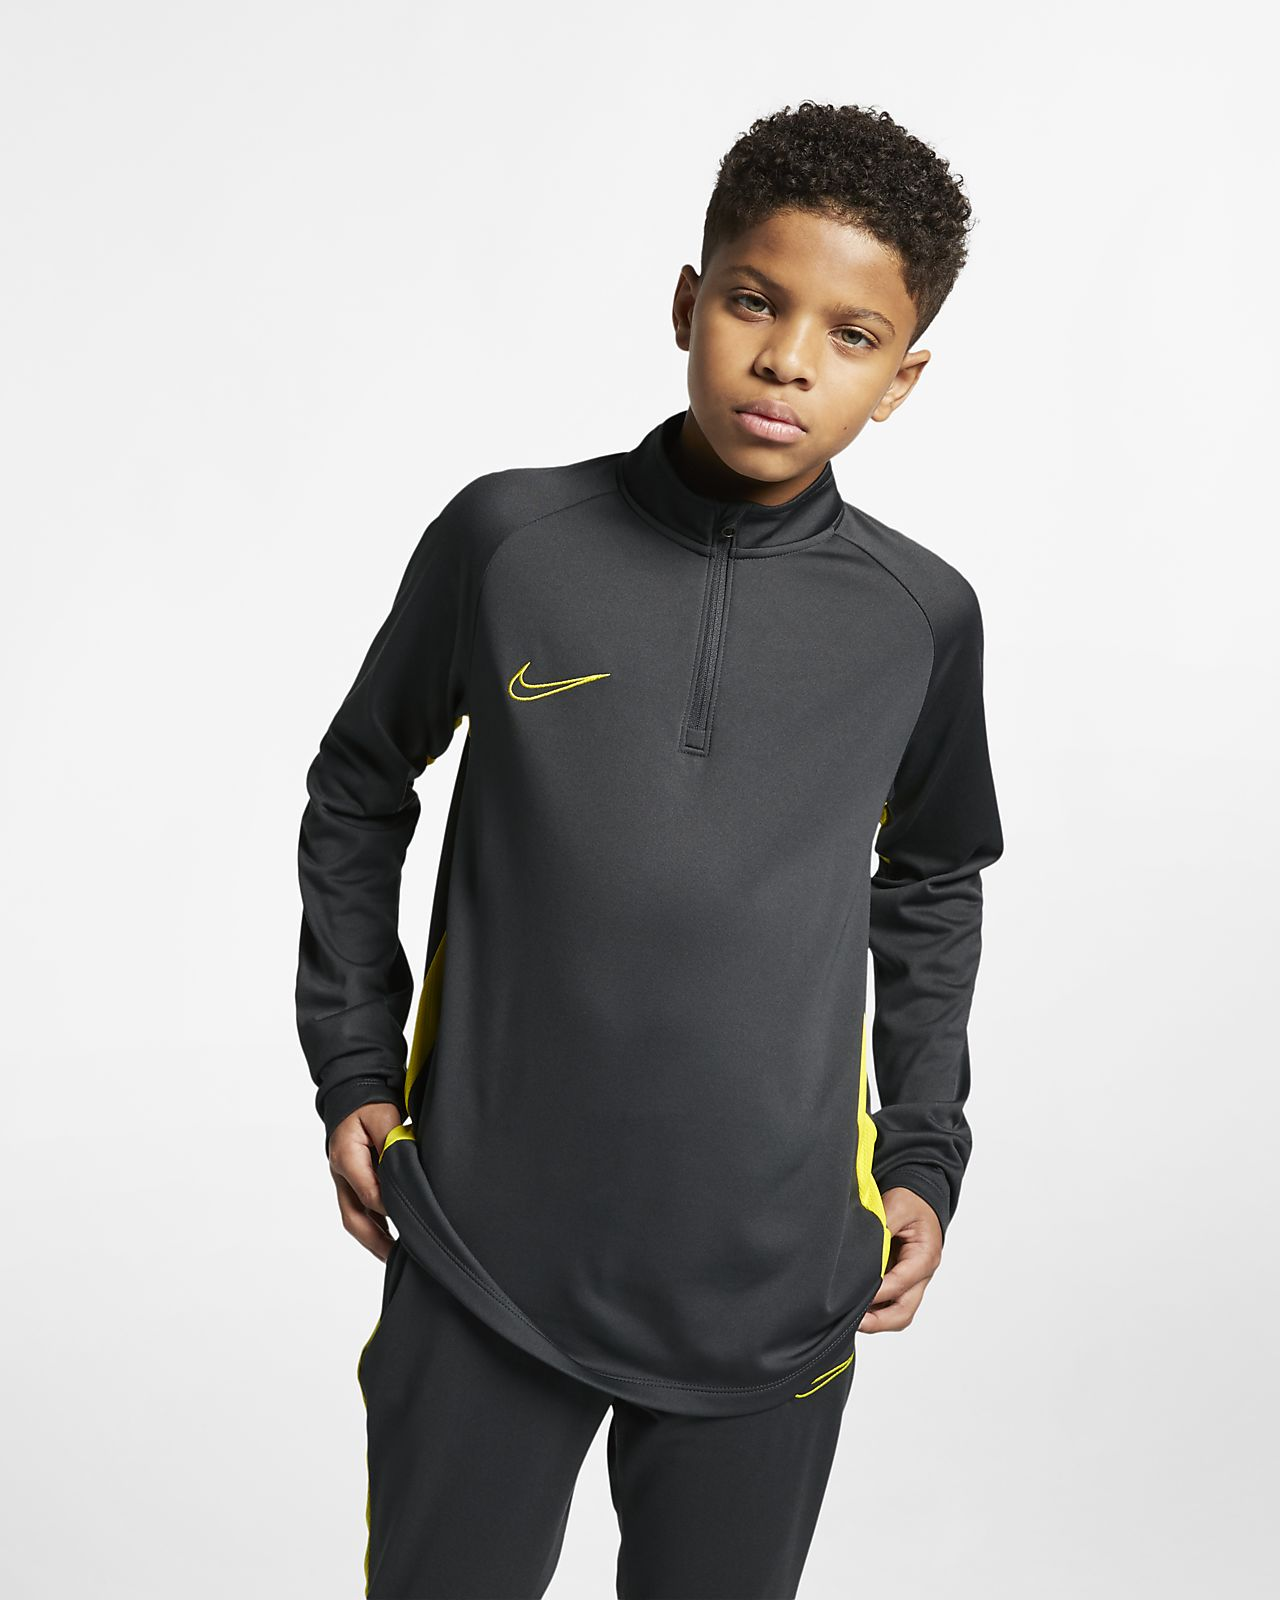 Fotbollströja Nike Dri-FIT Academy för ungdom